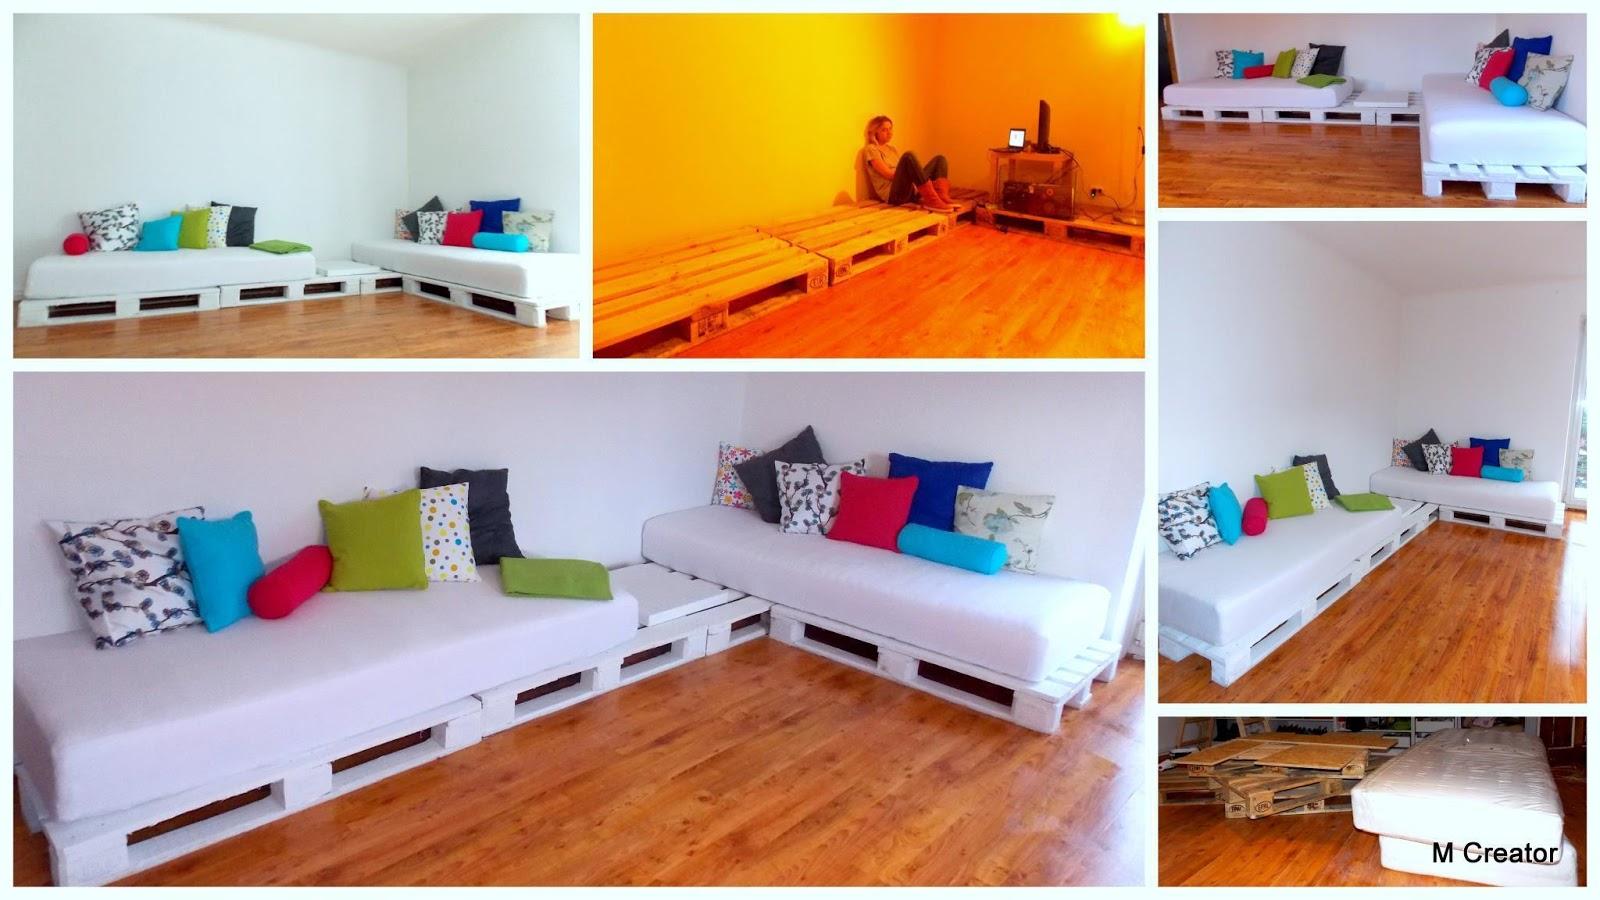 Antara Salah Satu Idea Yang Sangat Berguna Untuk Dijadikan Sofa Ruang Tamu Atau Di Laman Rumah